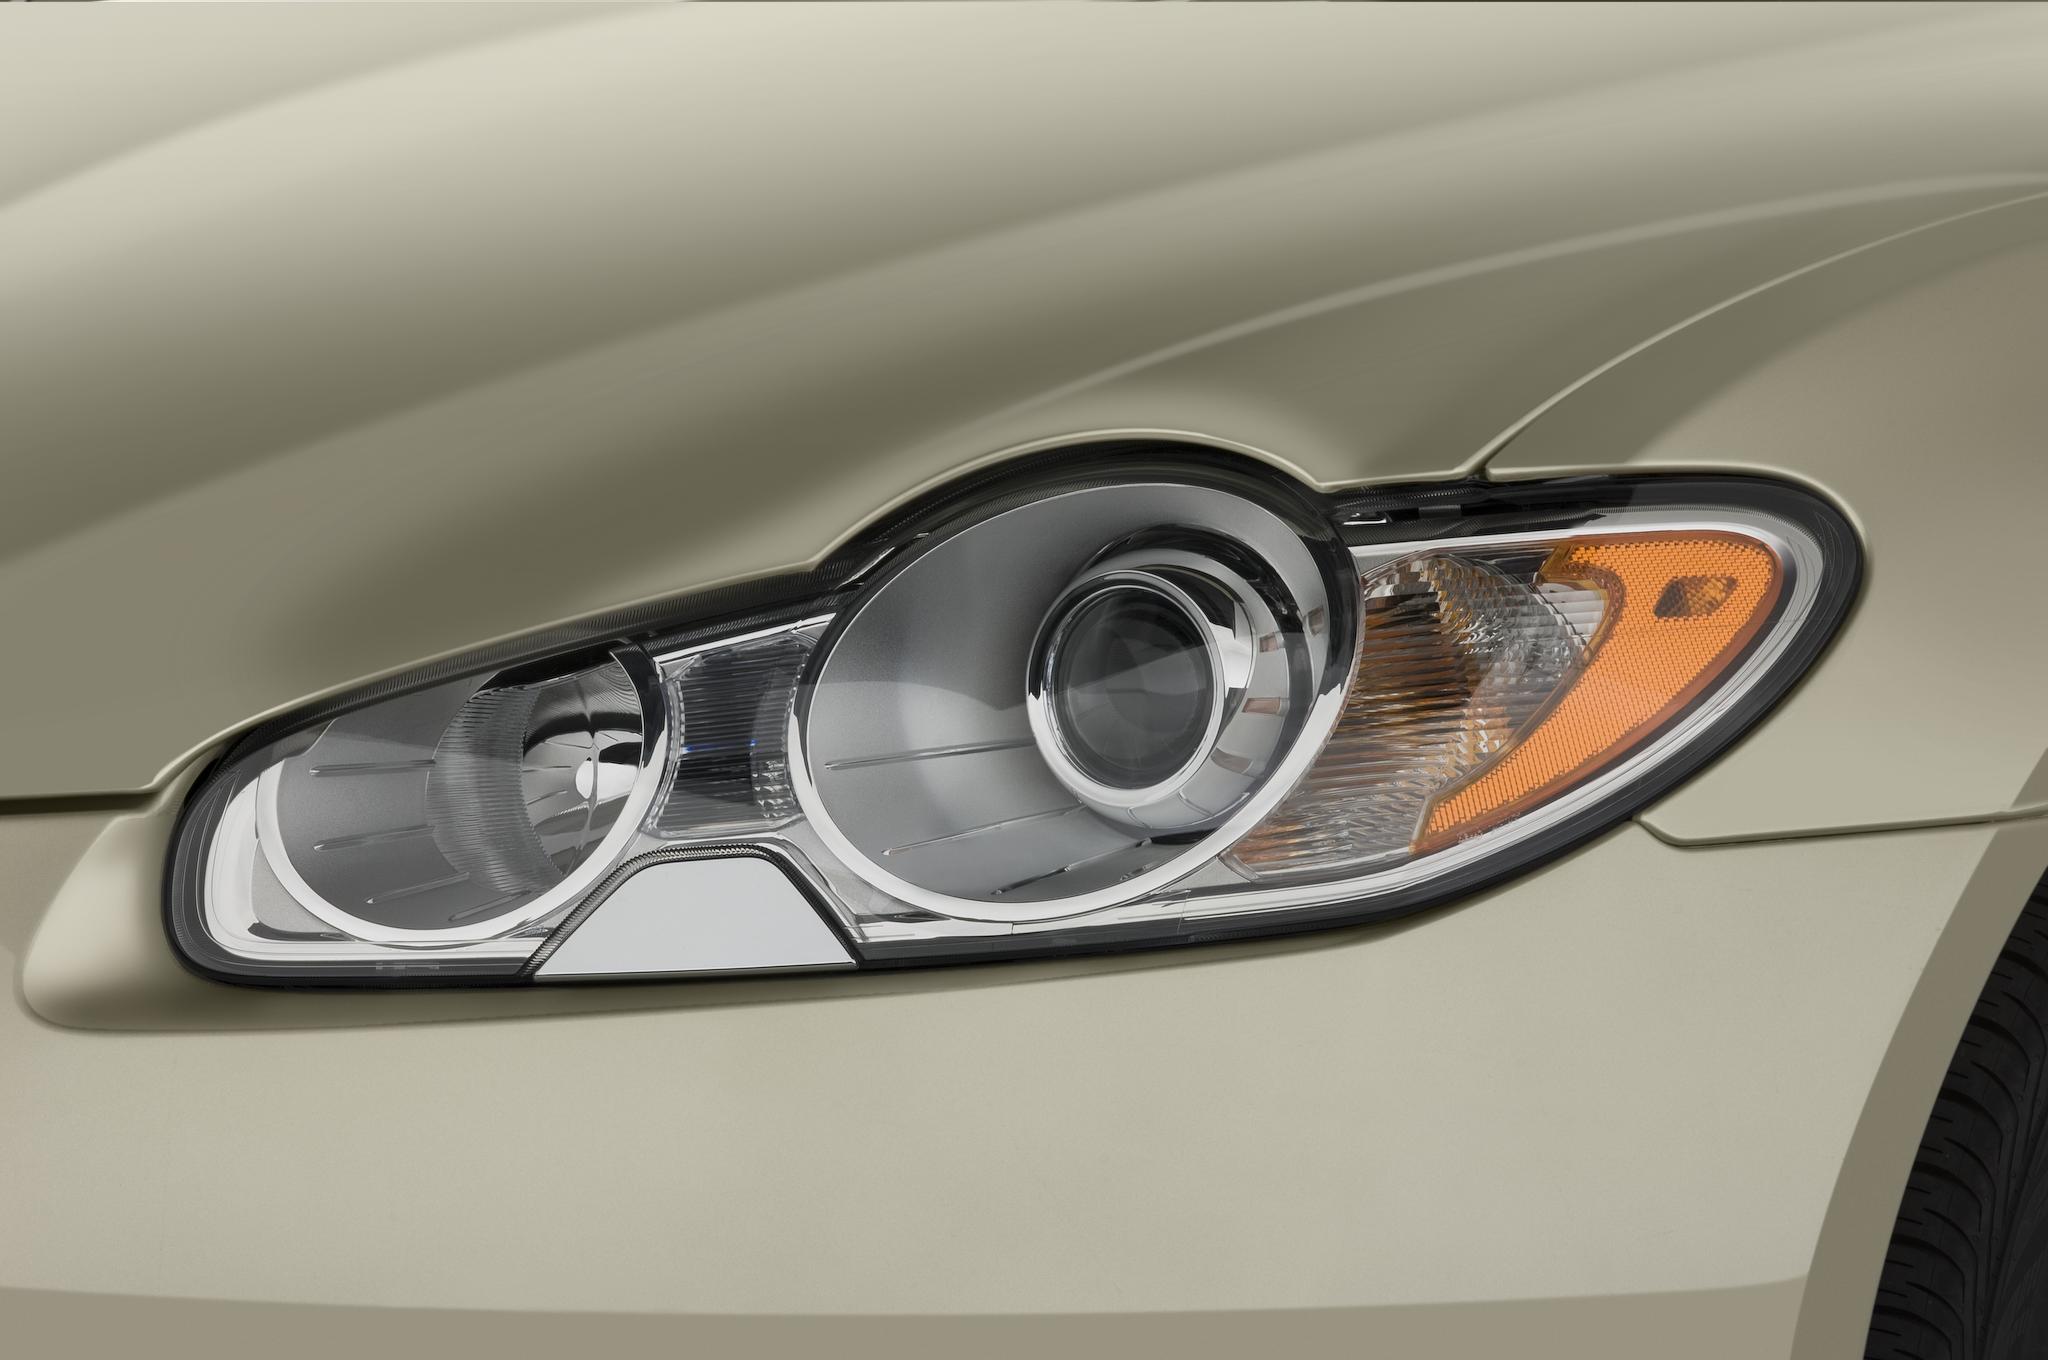 2010 Jaguar Xfr 2009 Detroit Auto Show Coverage New Car Reviews Cover Headlamp Satria Fu Gen3 35 74